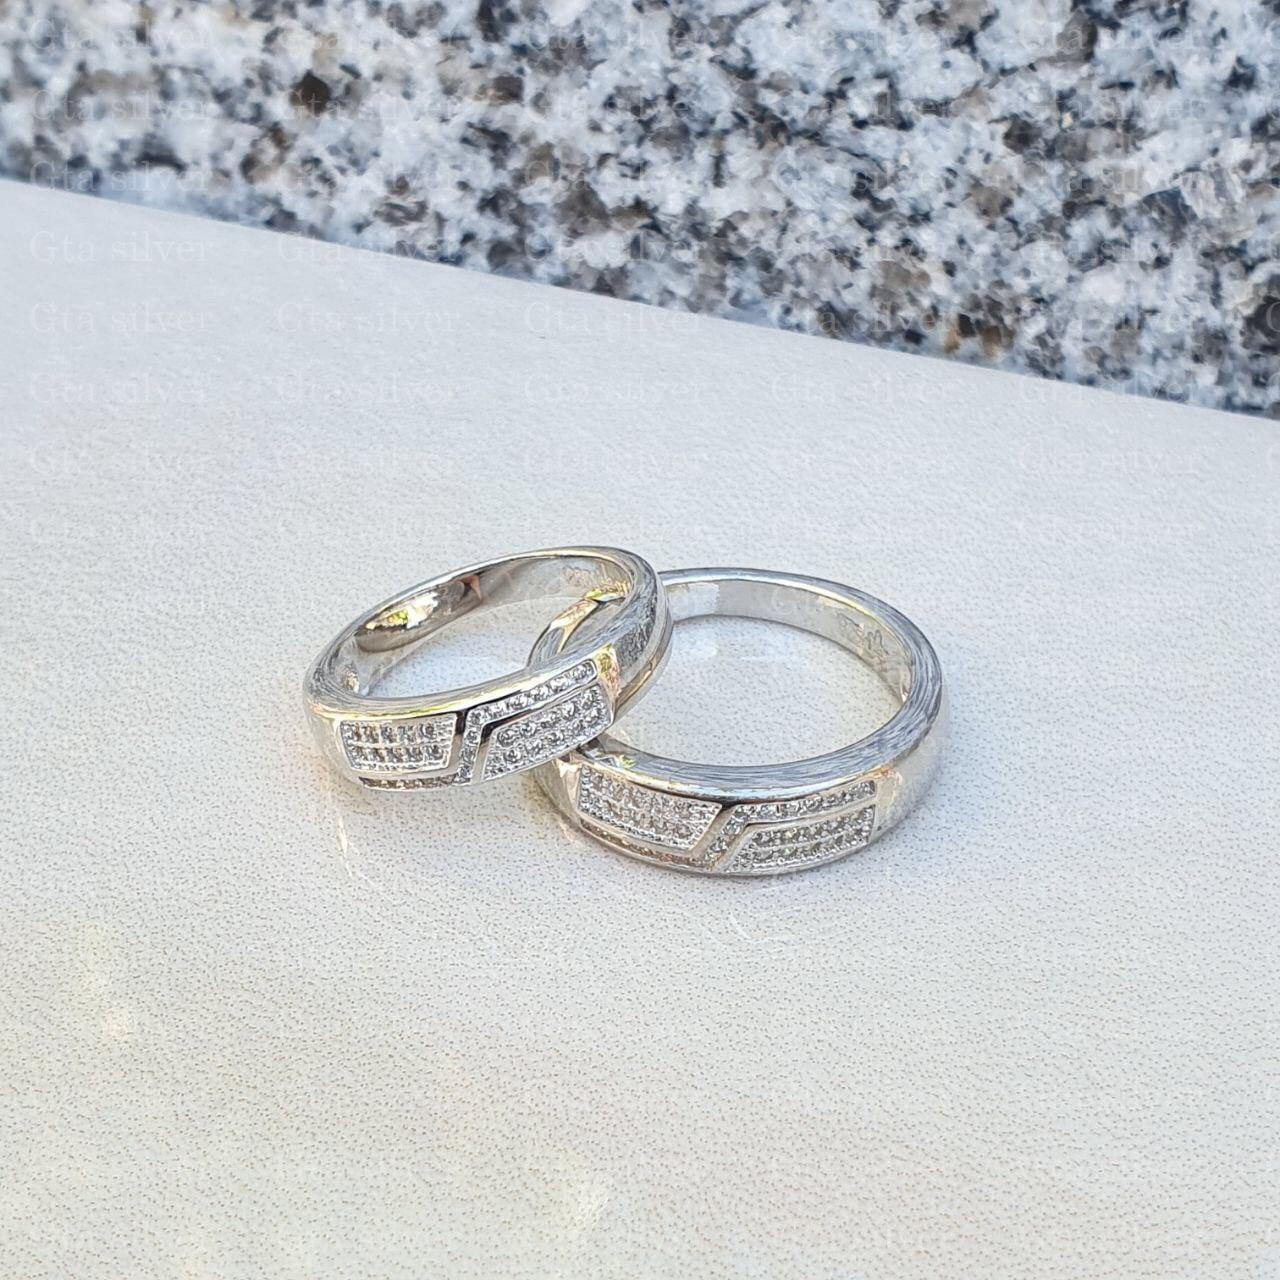 ست حلقه ازدواج وزن 7.5 گرم مدل 23